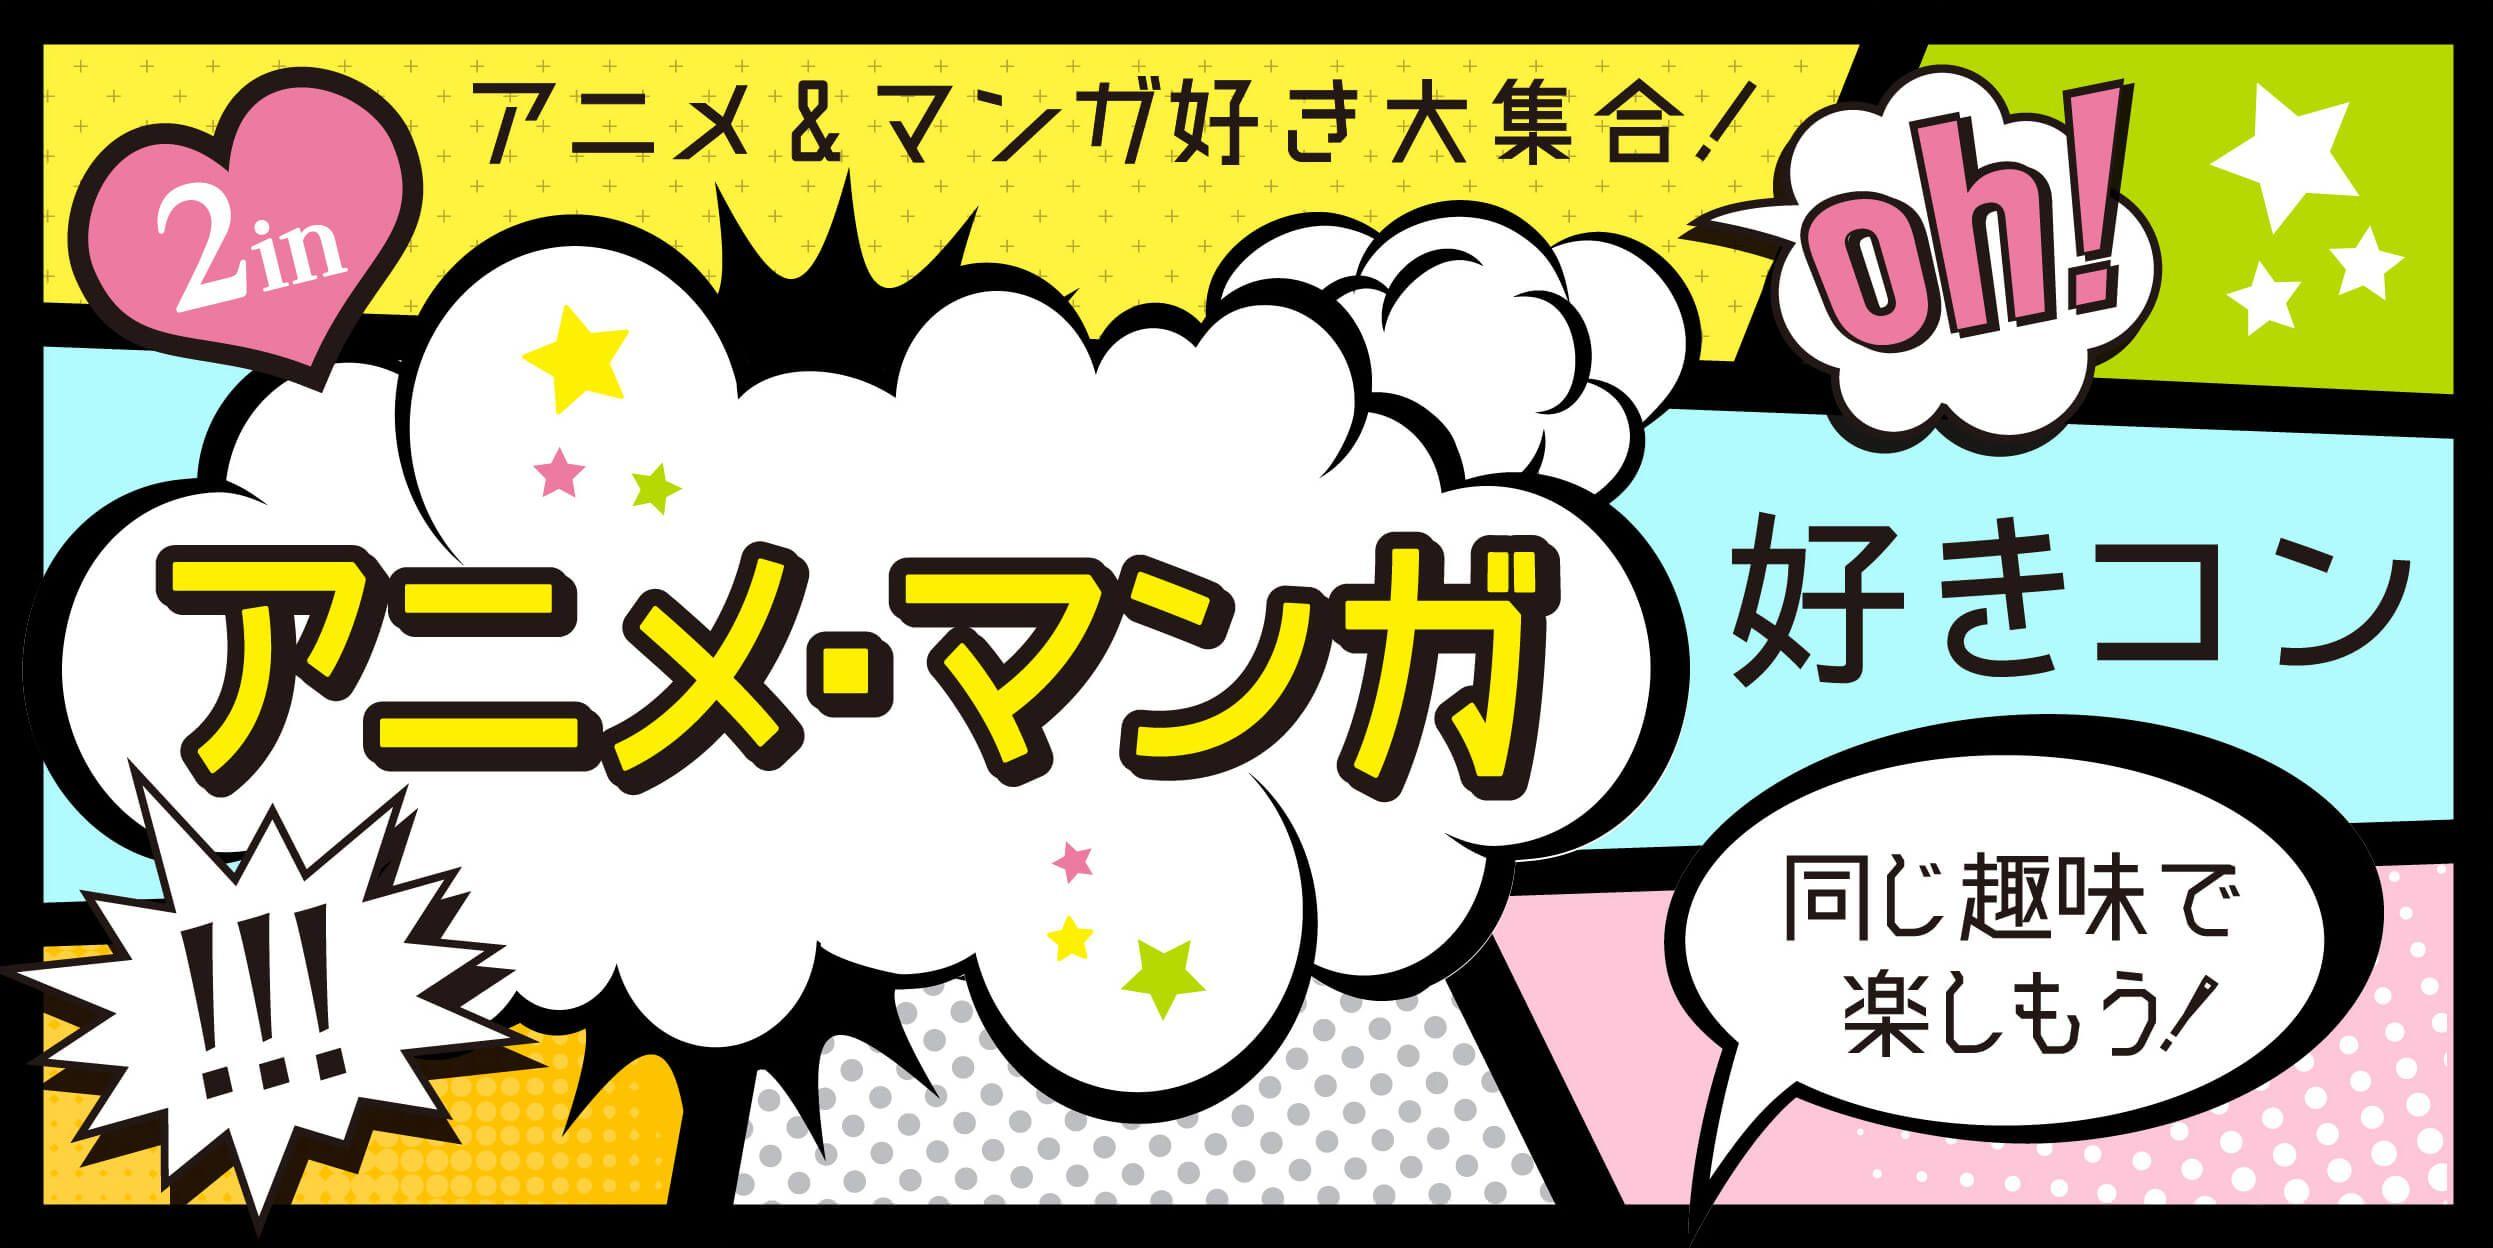 【共通の趣味で会話が尽きない!】2月25日(土)アニメとマンガ好きコンin広島〜一人参加大歓迎!大好きなものを語り合おう★〜